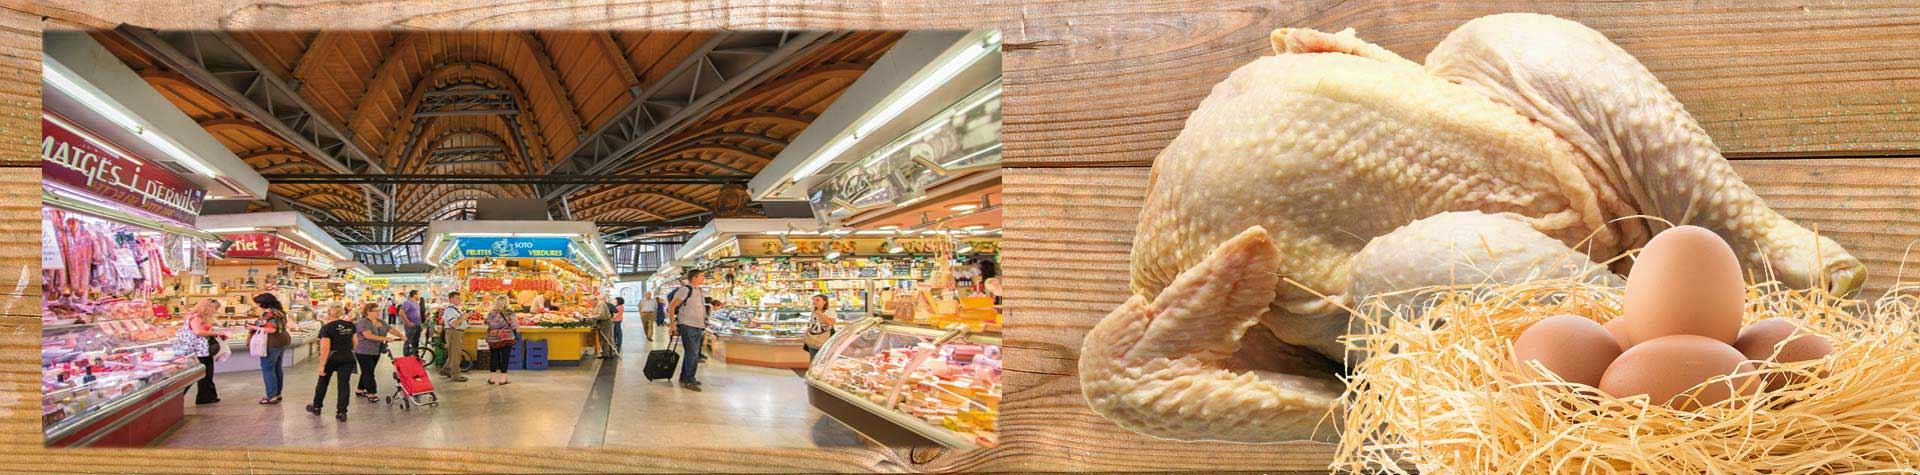 mercat-santa-caterina-3